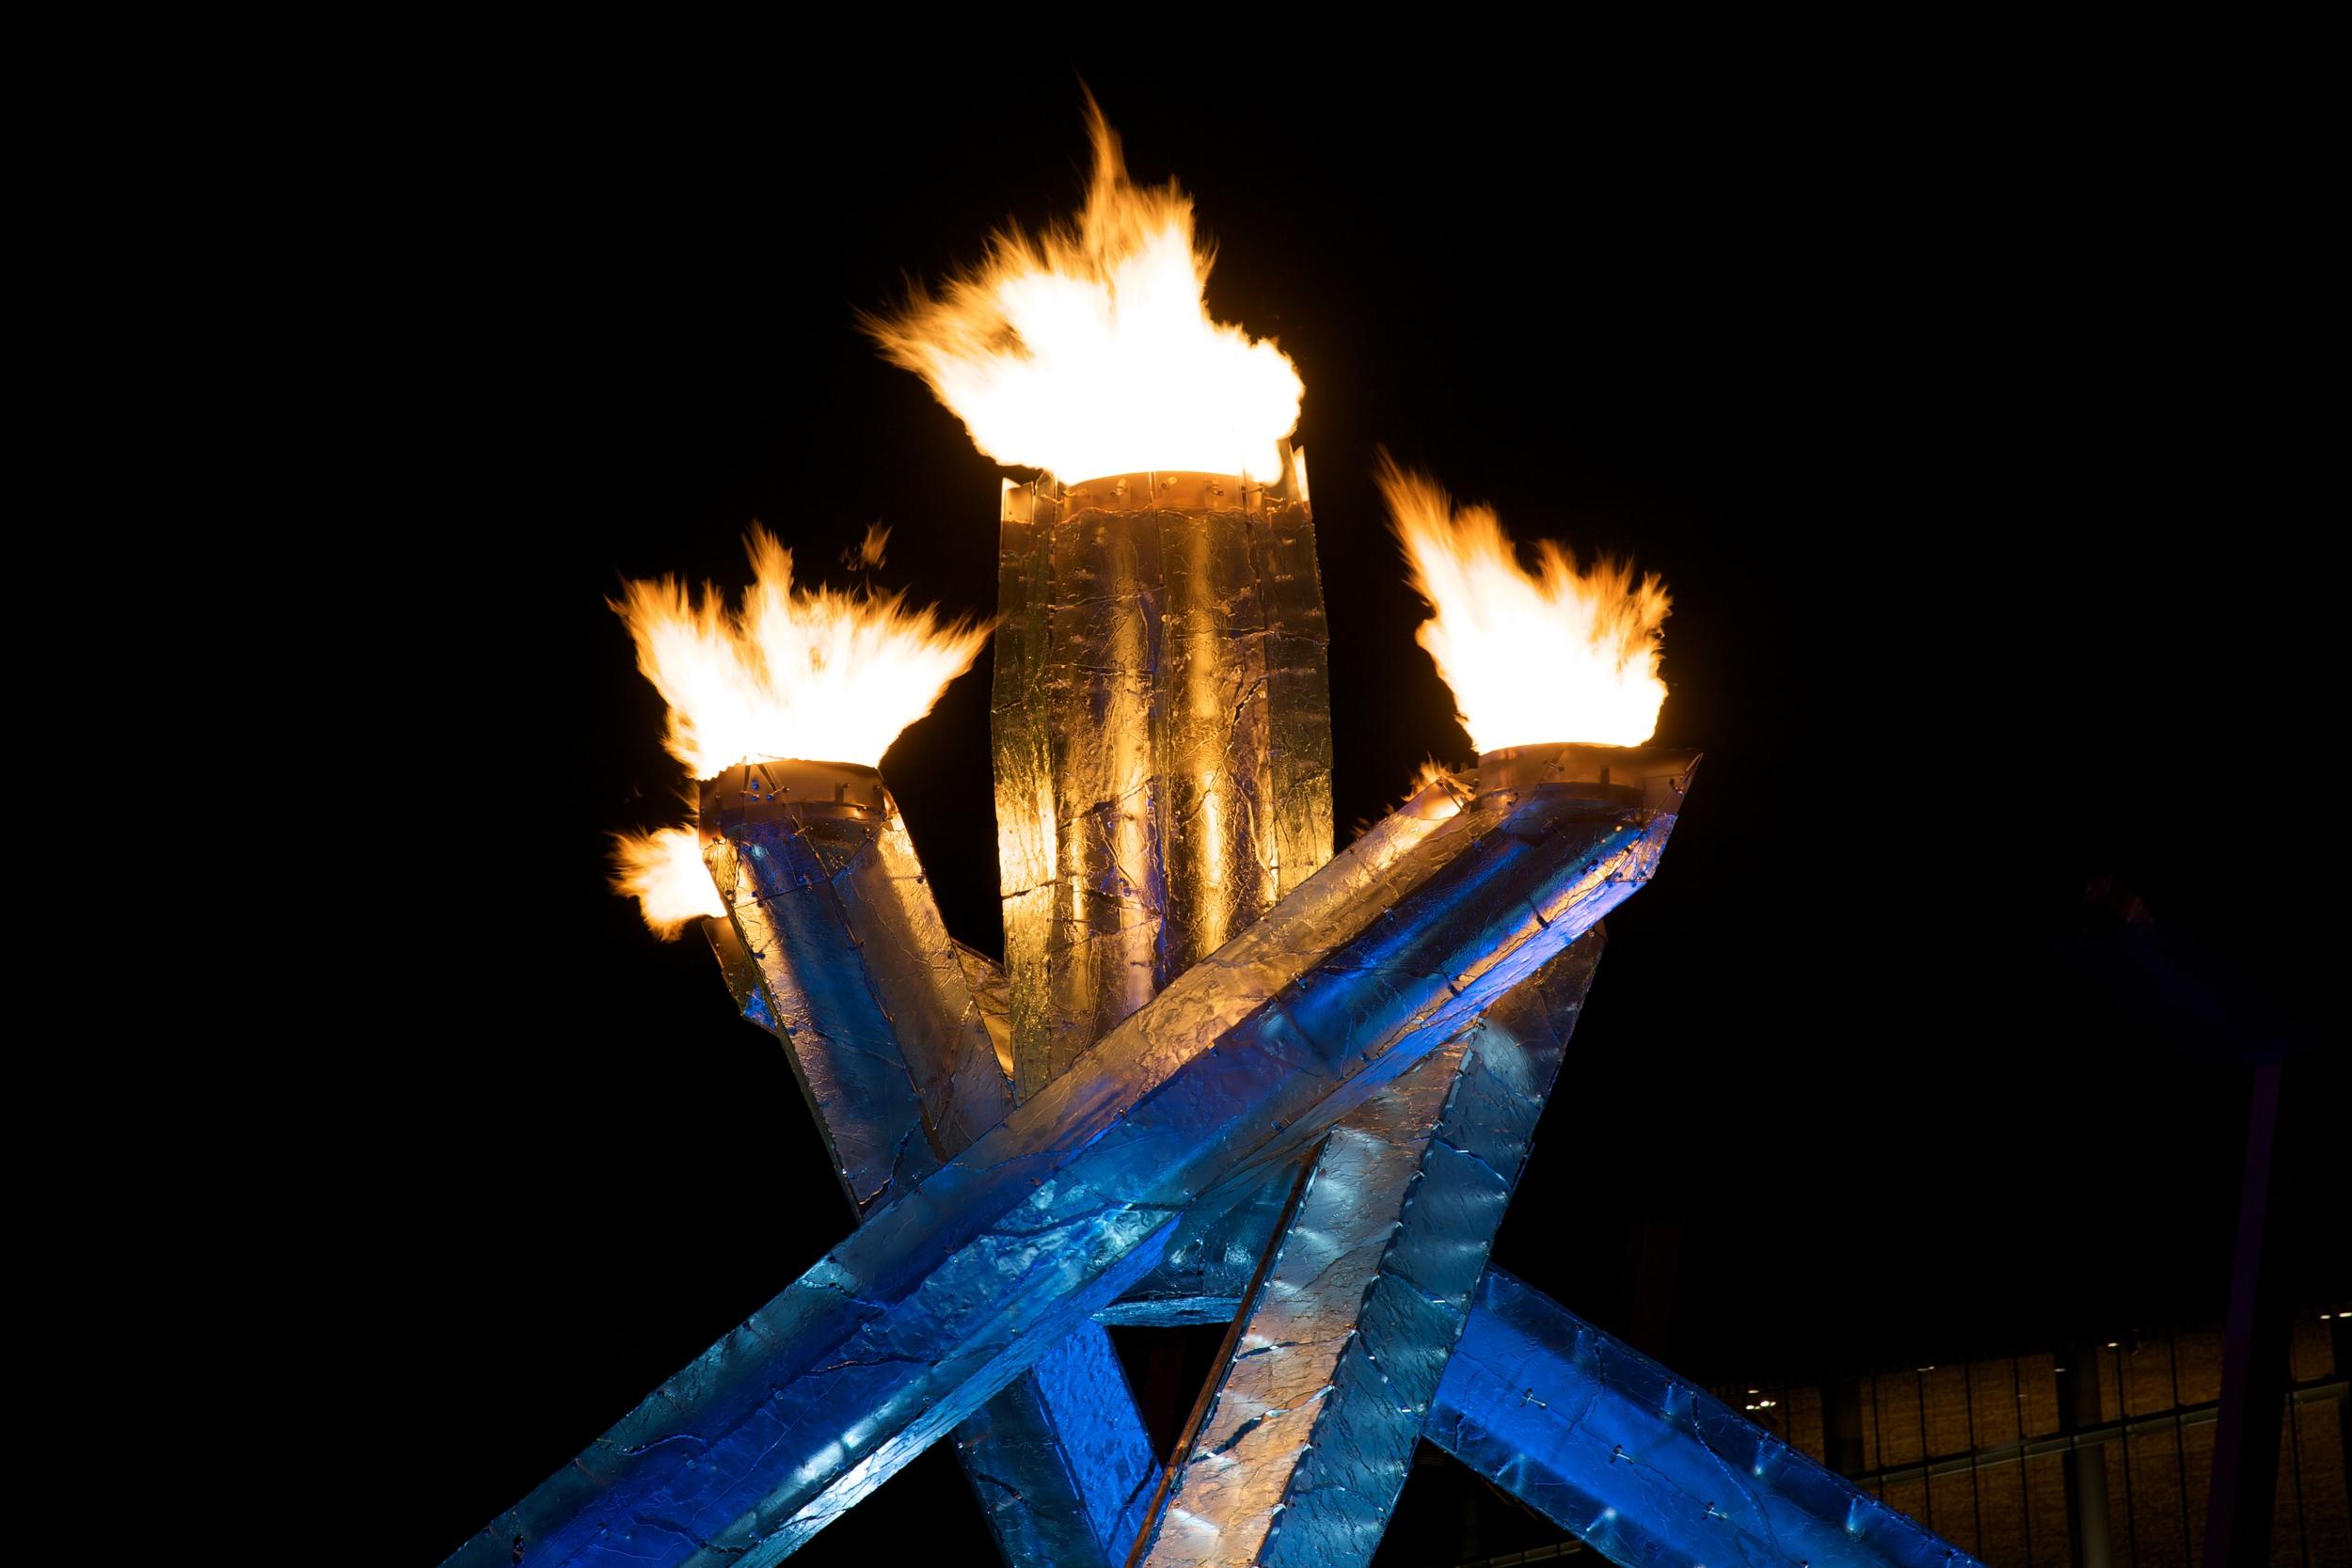 Vancouver2010++10323-796612692-O.jpg